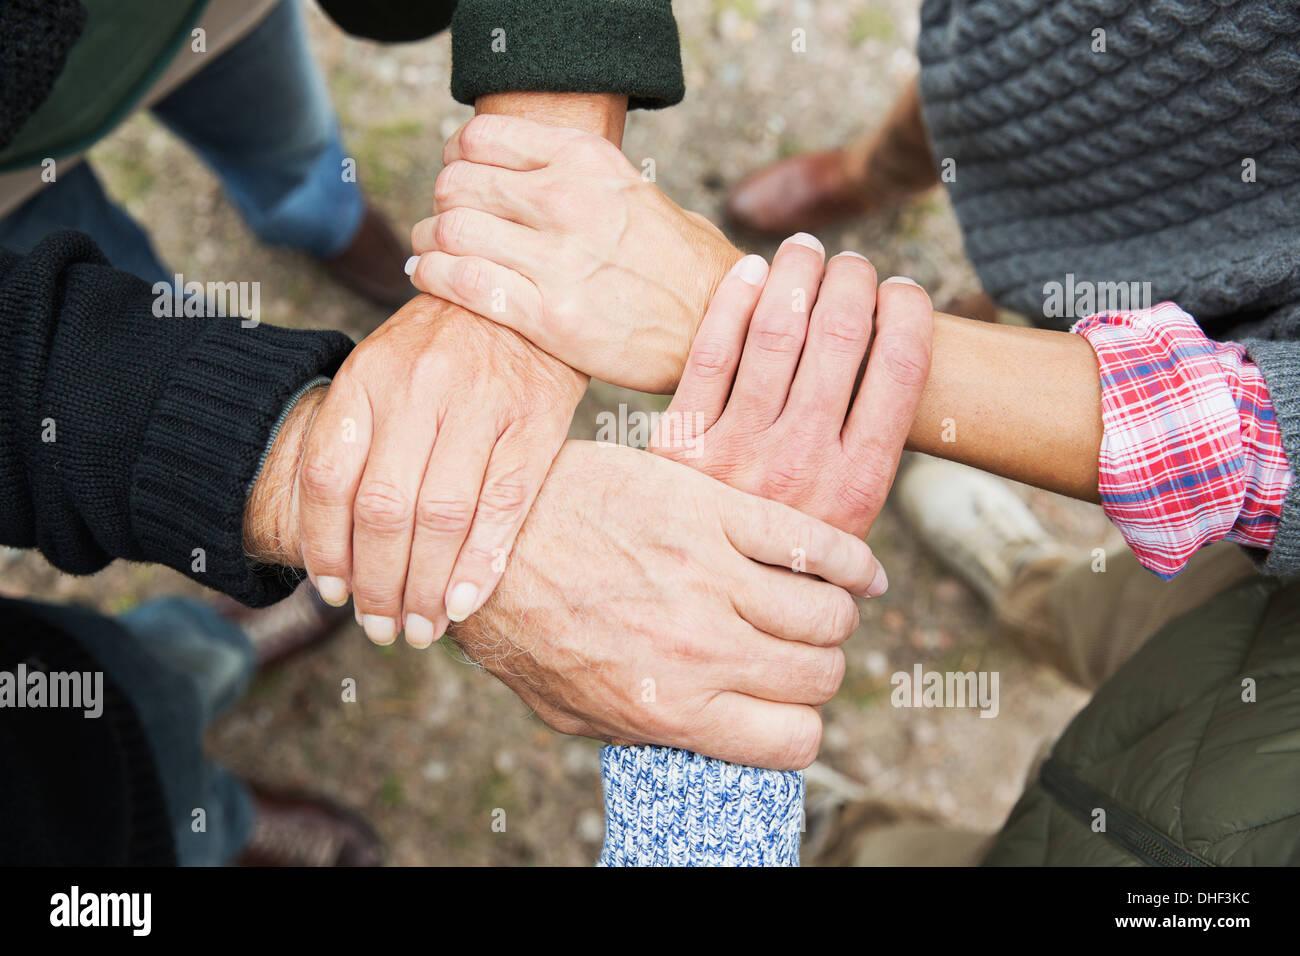 Vier Menschen berühren, Hände, hohe Winkel Stockbild